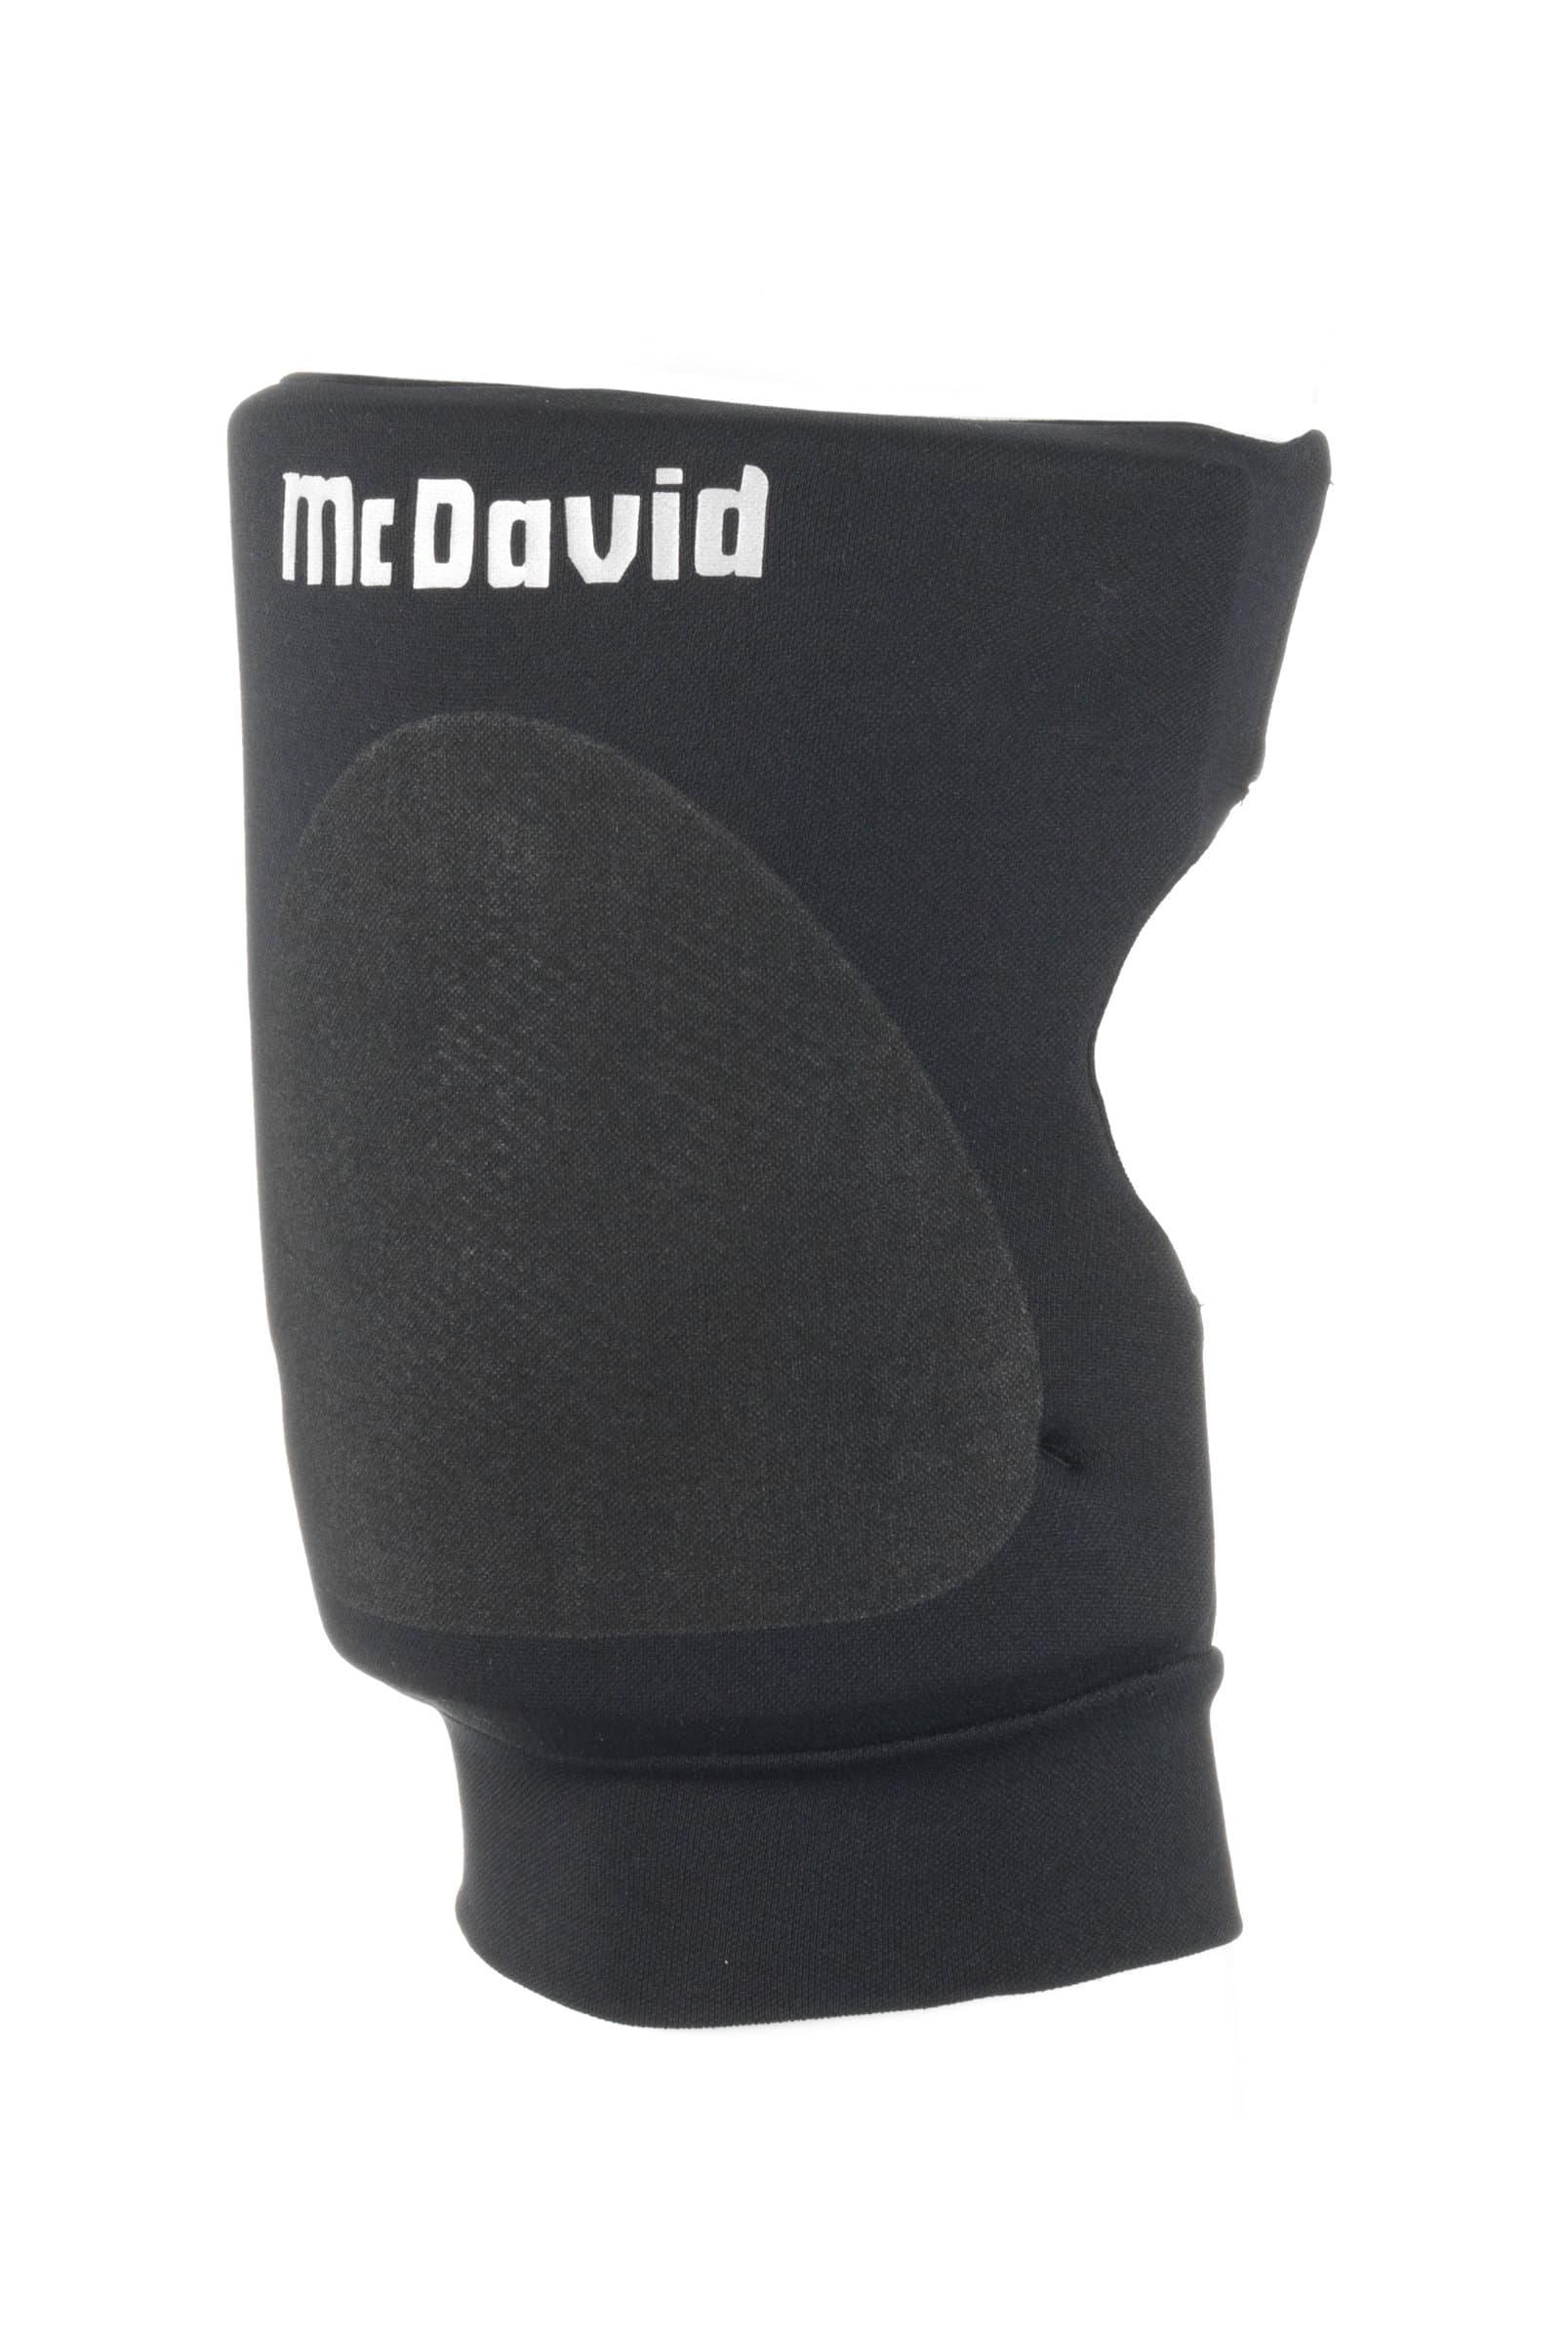 Mcdavid Knieschützer 646 (Paar) Volleyball Knieschützer